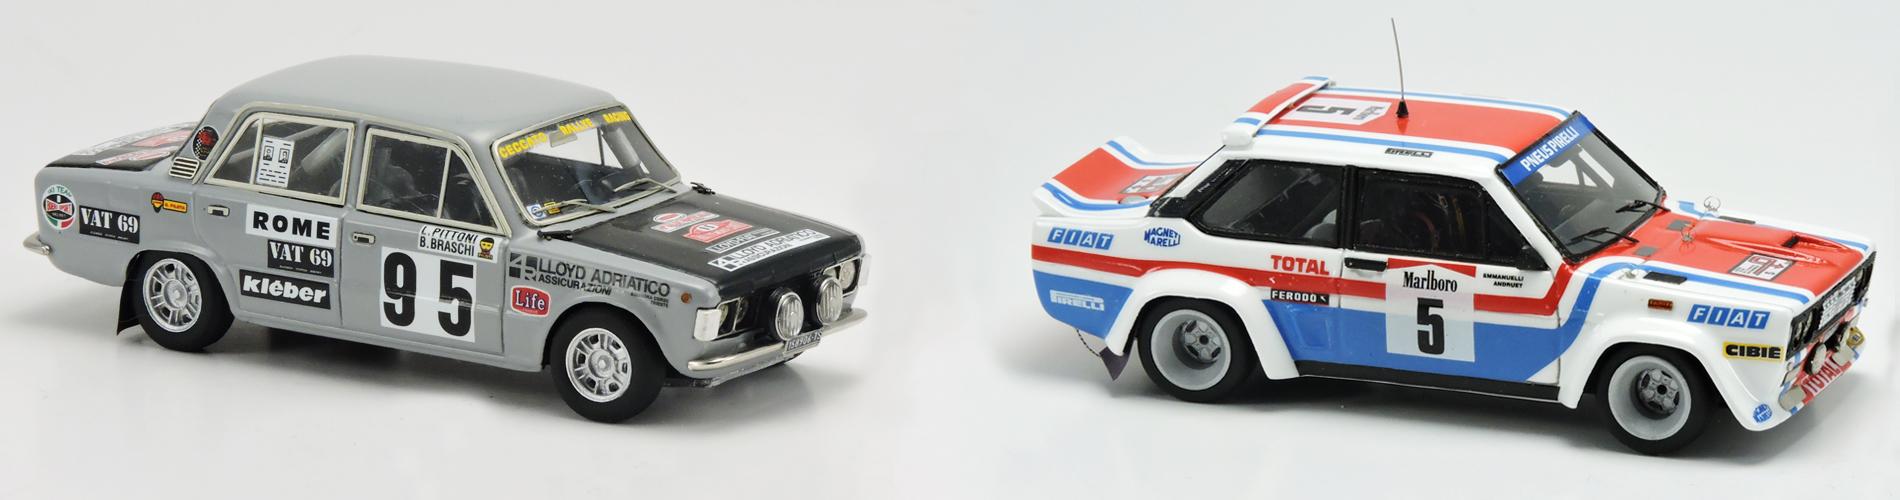 Alfa Romeo 1979 RALLYE MONTE CARLO Autocollant